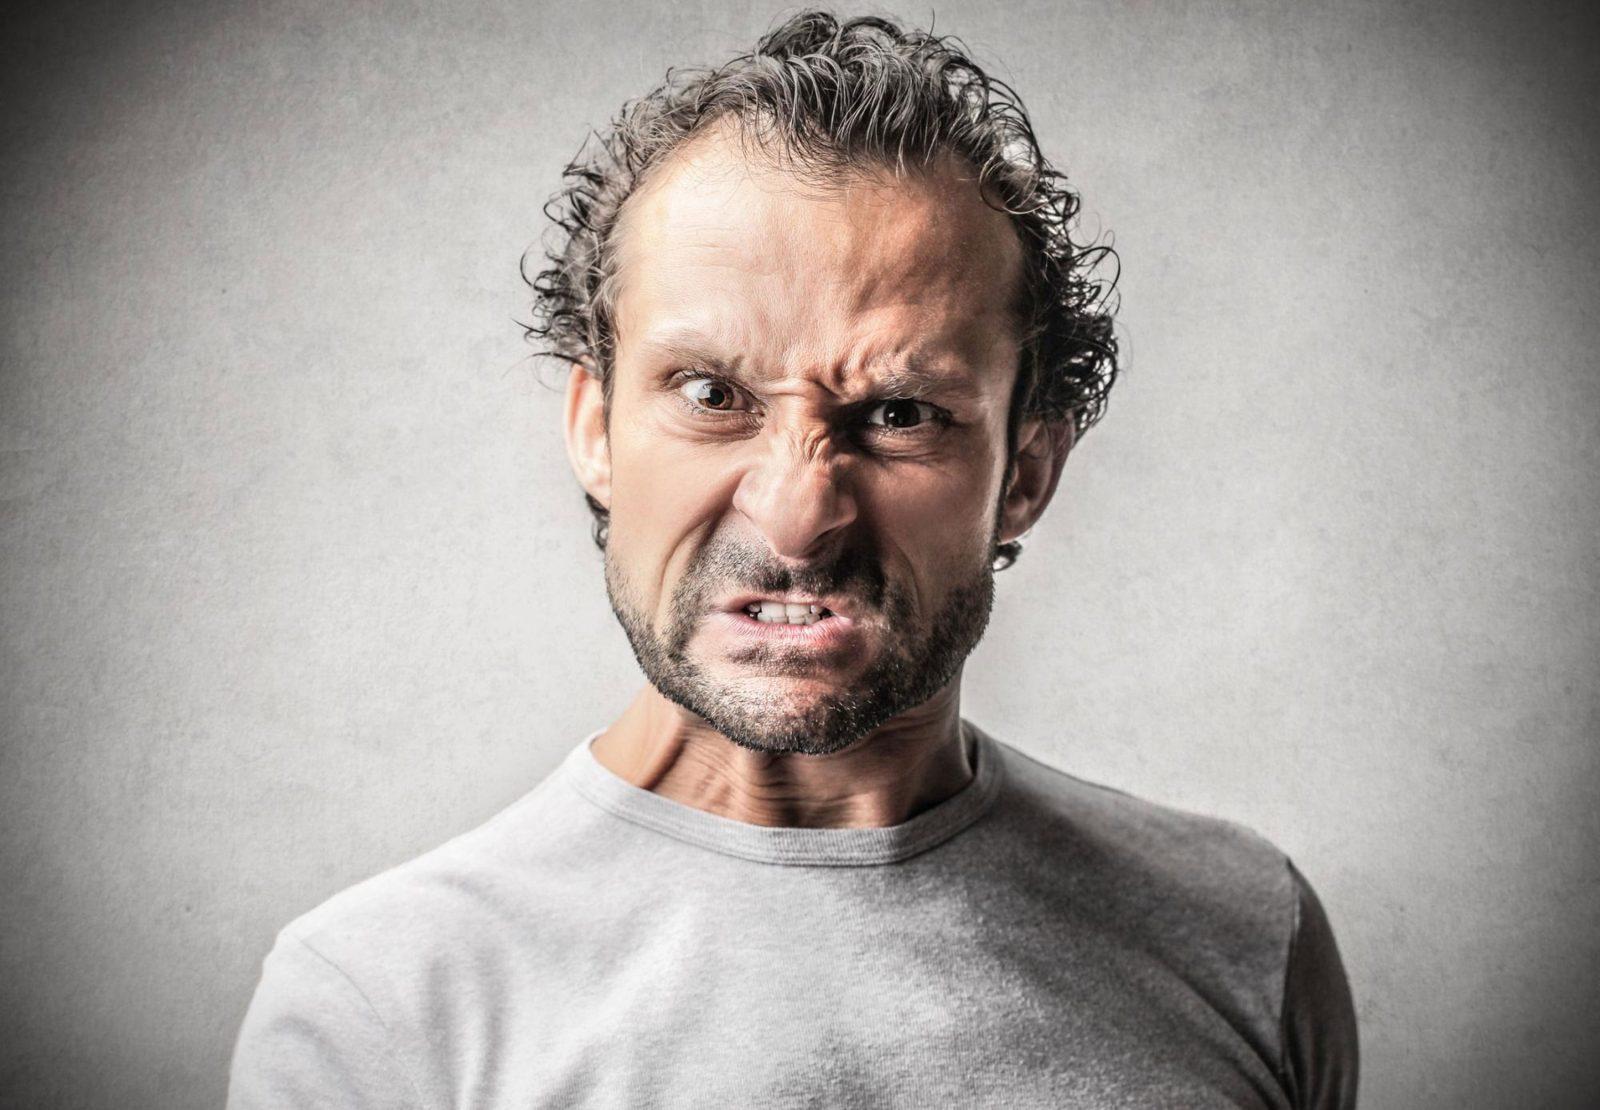 Мужчина зрелых лет со злым взглядом